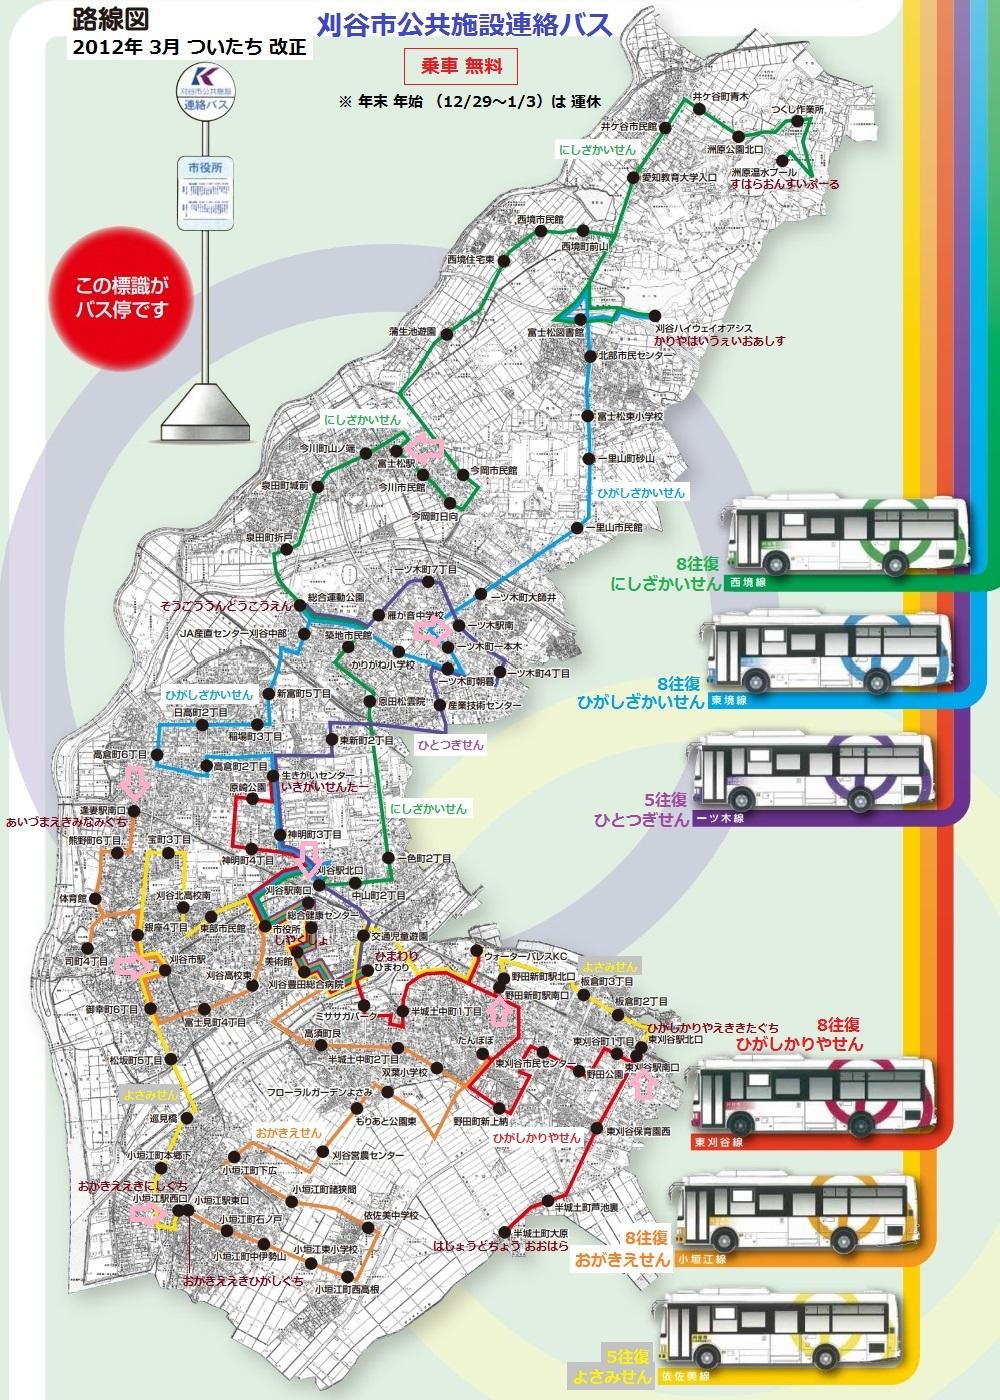 刈谷市公共施設連絡バス 路線図 - あきひこゆめてつどう